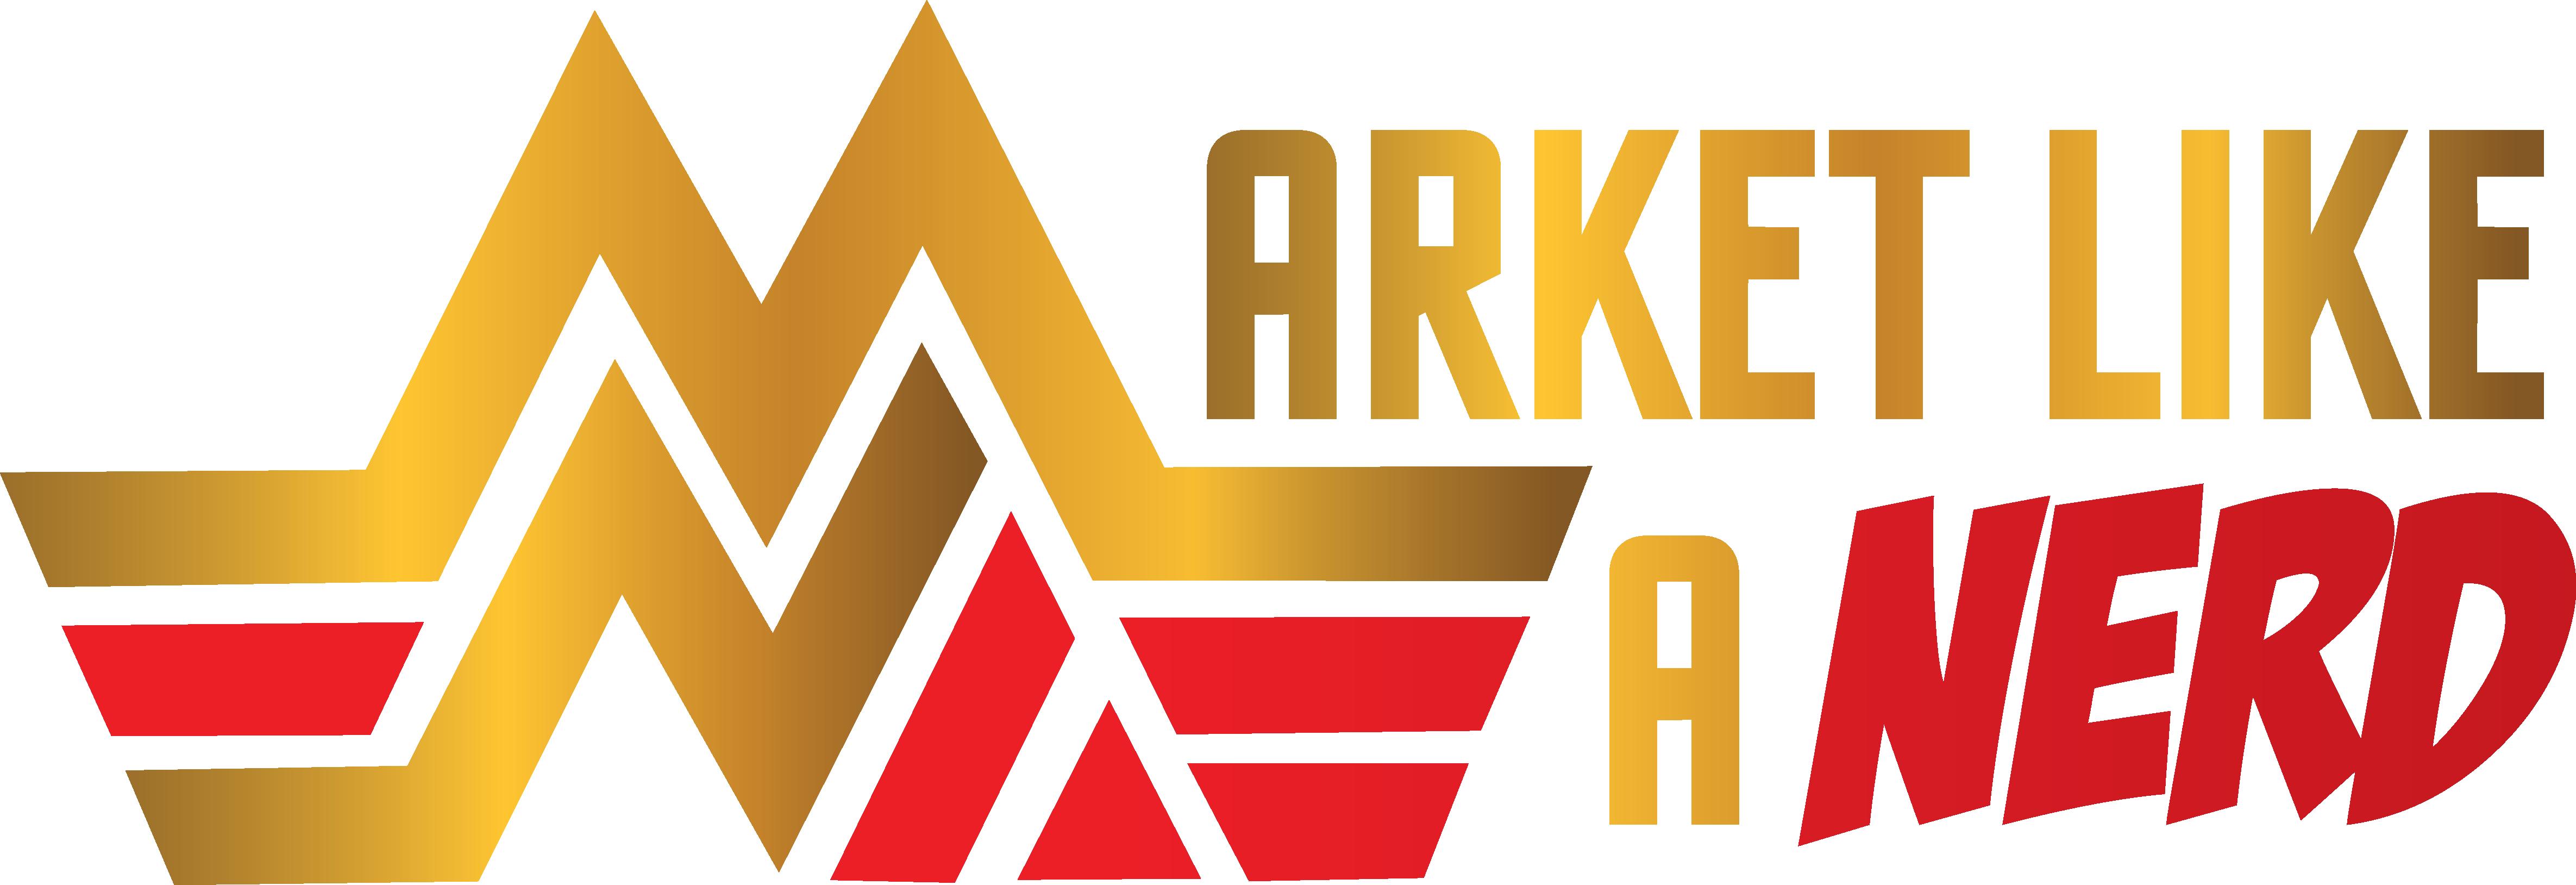 Logo Market Like A Nerd